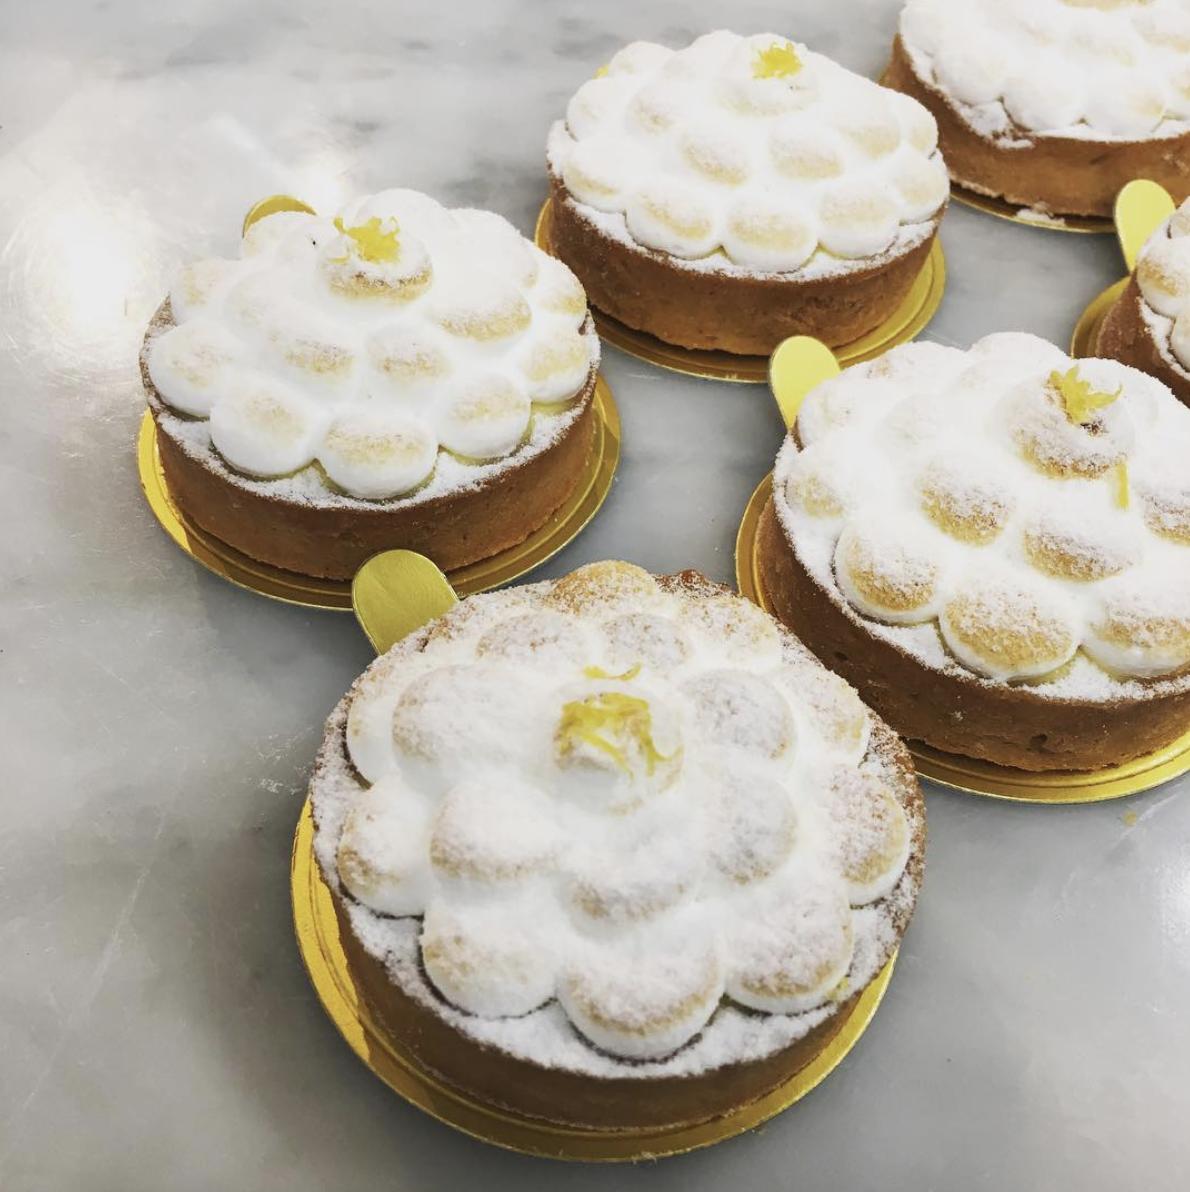 色鮮やかな見た目やフランス伝統の味が魅力!春日井市にあるフランス菓子店「セ ミユ キエール エ ミユ ク ジャメ」 - 4a27511bebd3960f422998d3044e2247